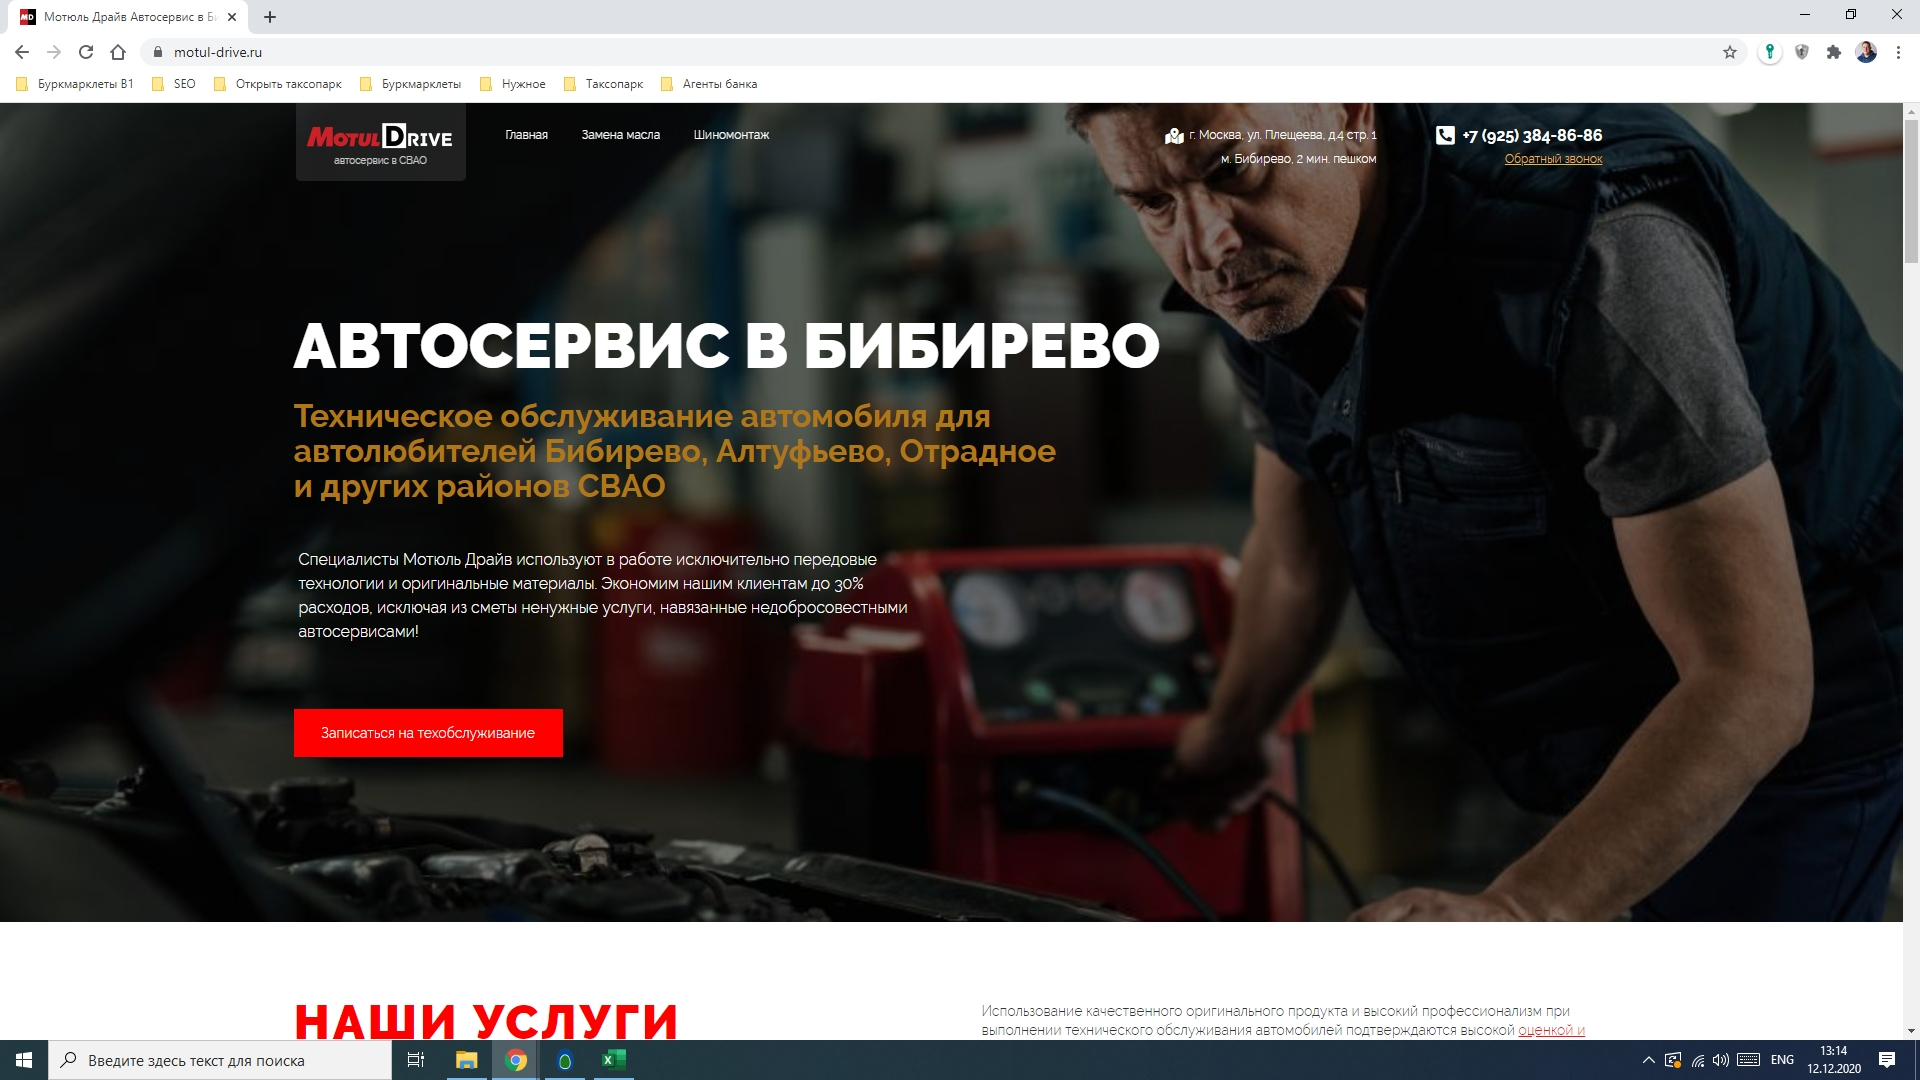 Разработка сайта Motul-Drive